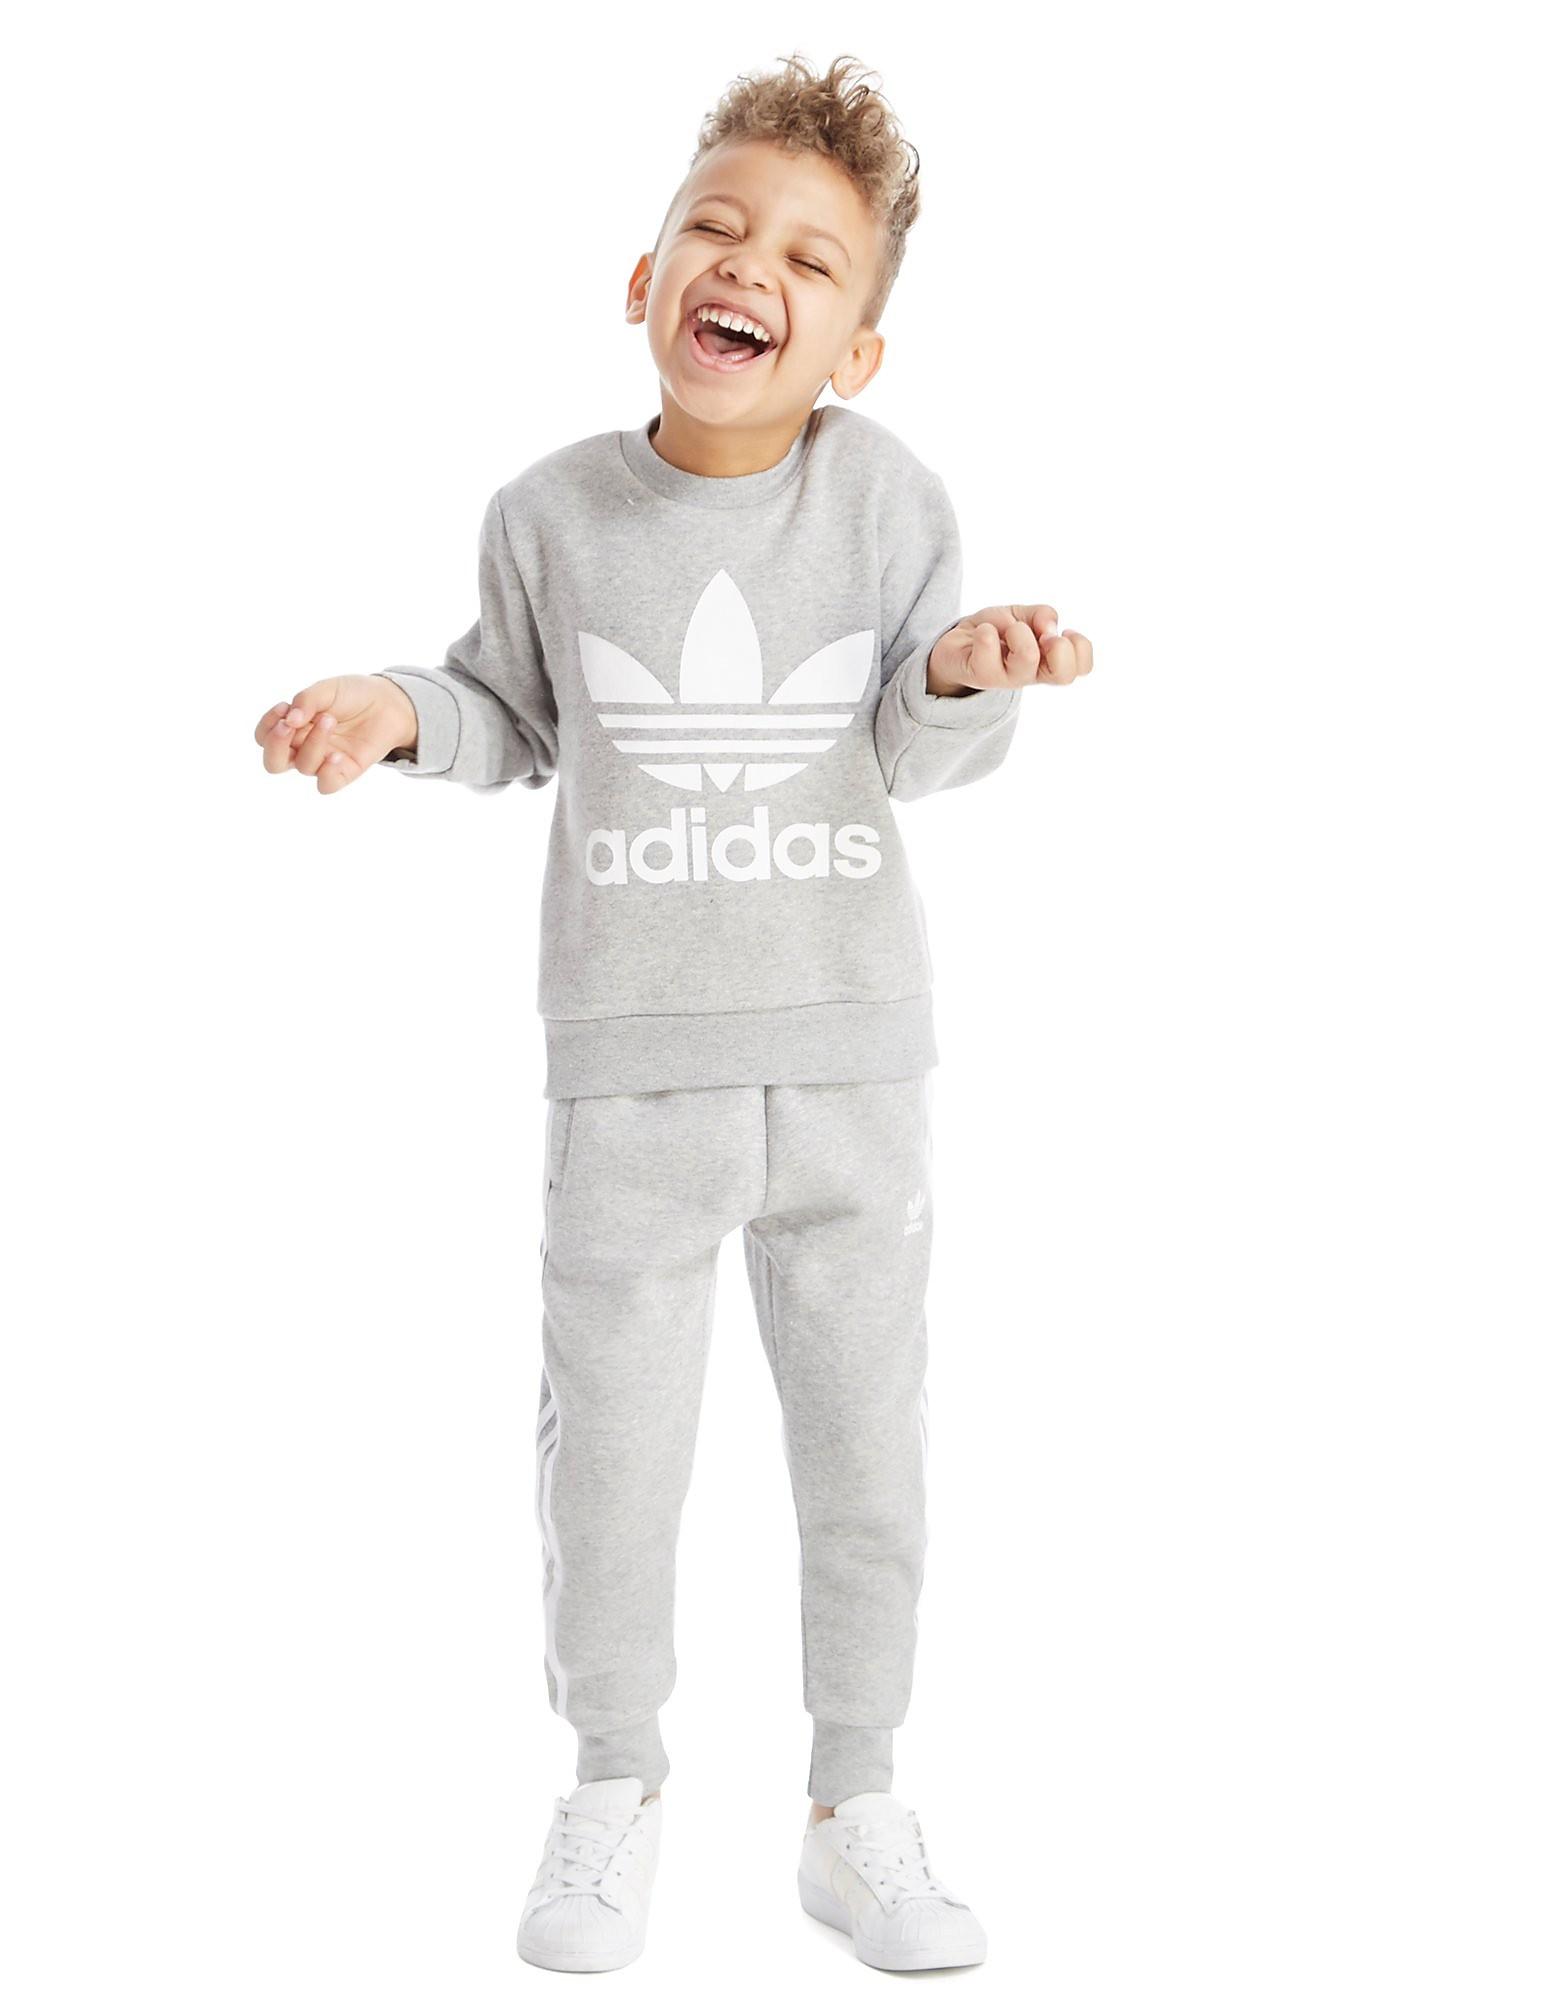 adidas Originals Adicolor Crew Suit Children